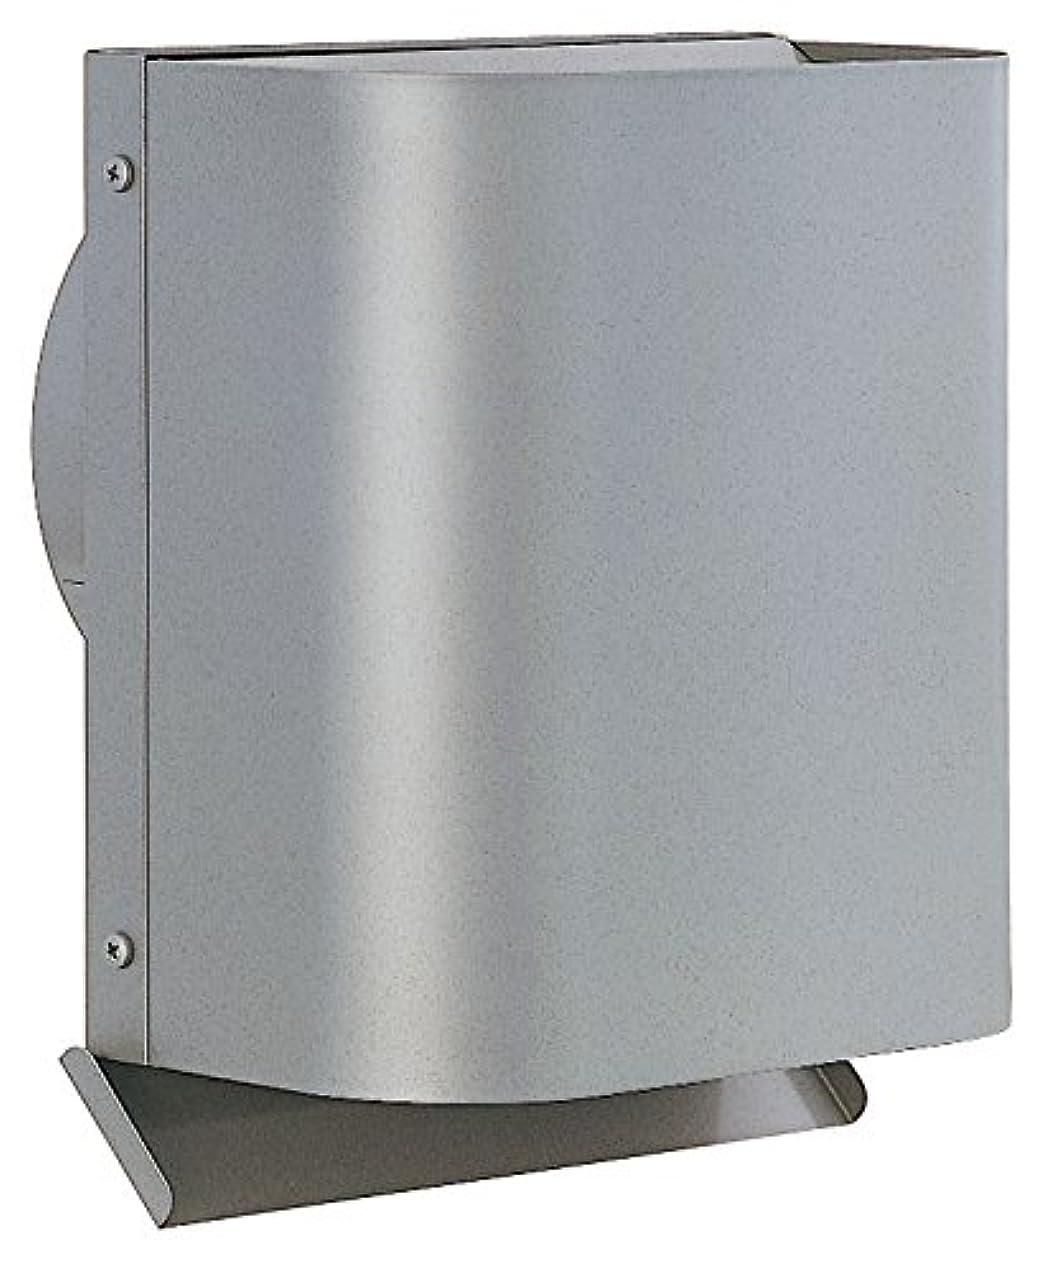 住人スイング設計図ユニックス 屋外用製品 ステンレス製 パイプフード 外風対策 KBS75A5M 深型フード(上下開口) メッシュ 5メッシュ